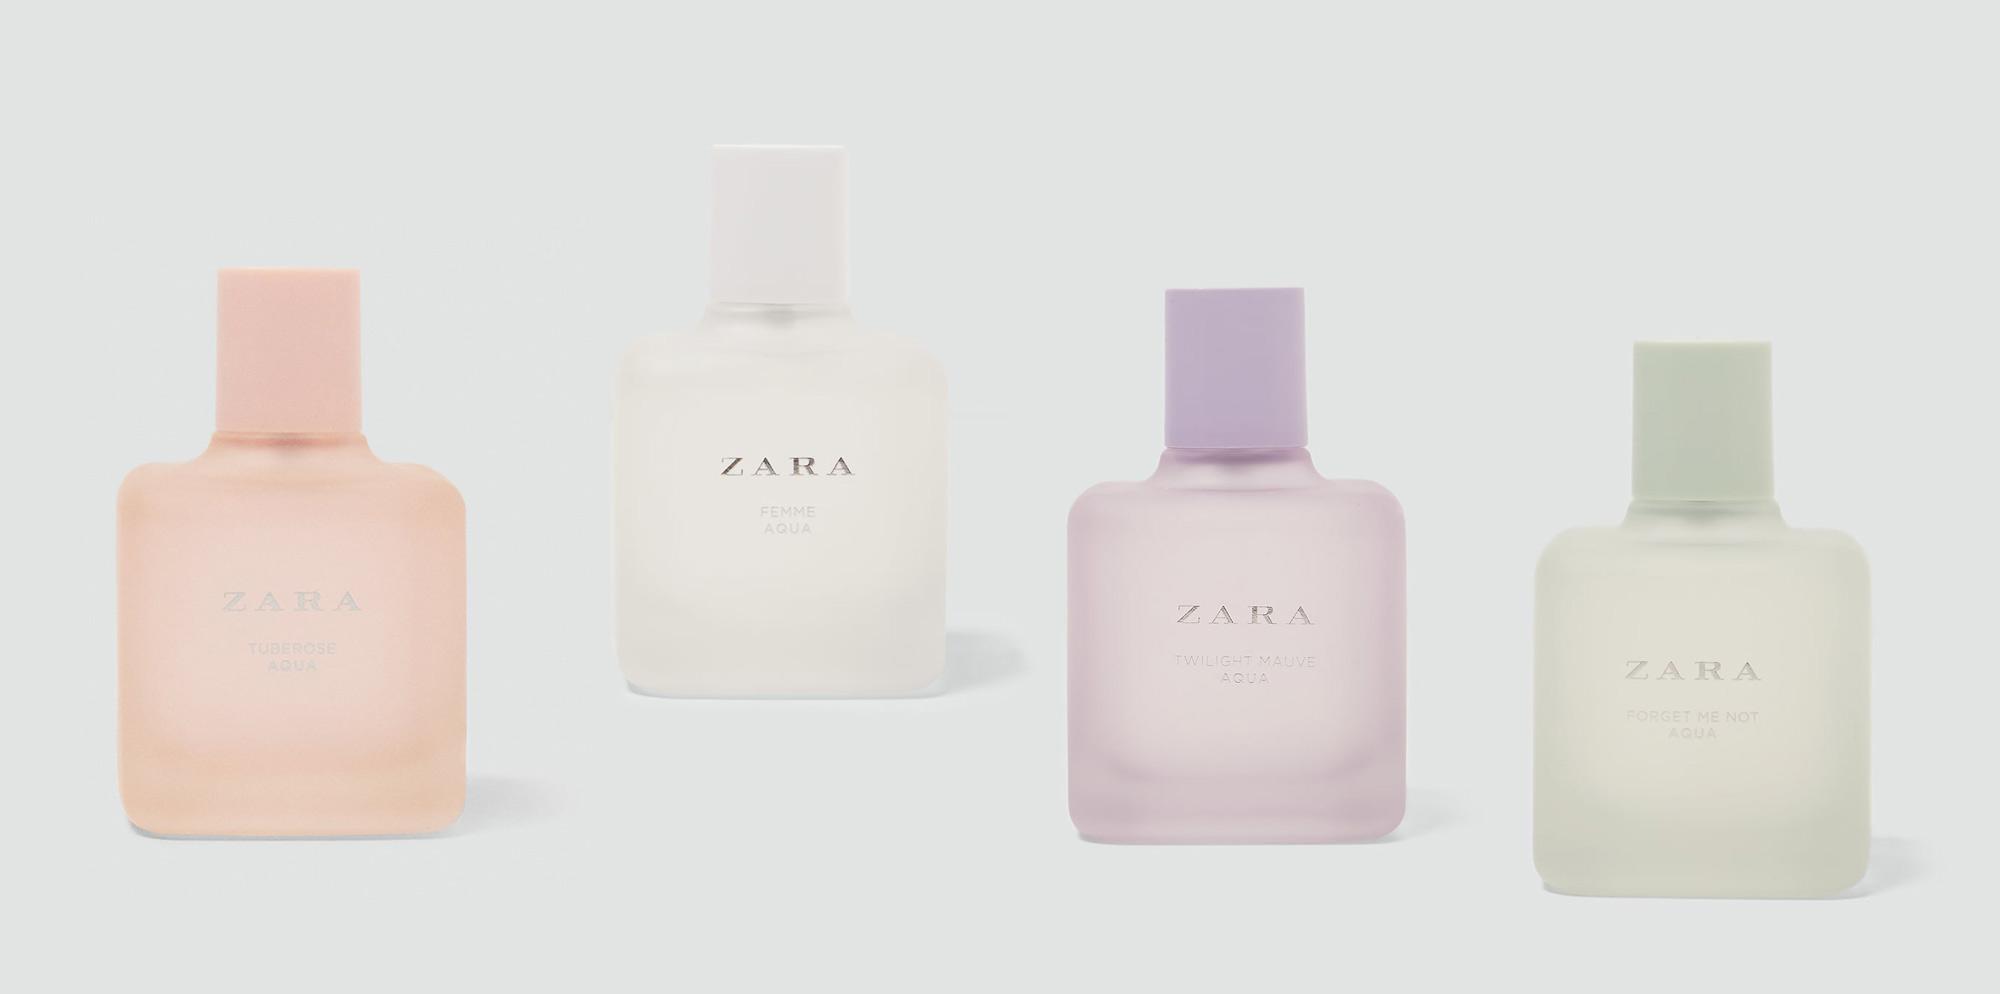 9914a49b7 Zara Aqua Collection العطور الجديدة من زارا لربيع 2018 ~ إصدار جديد